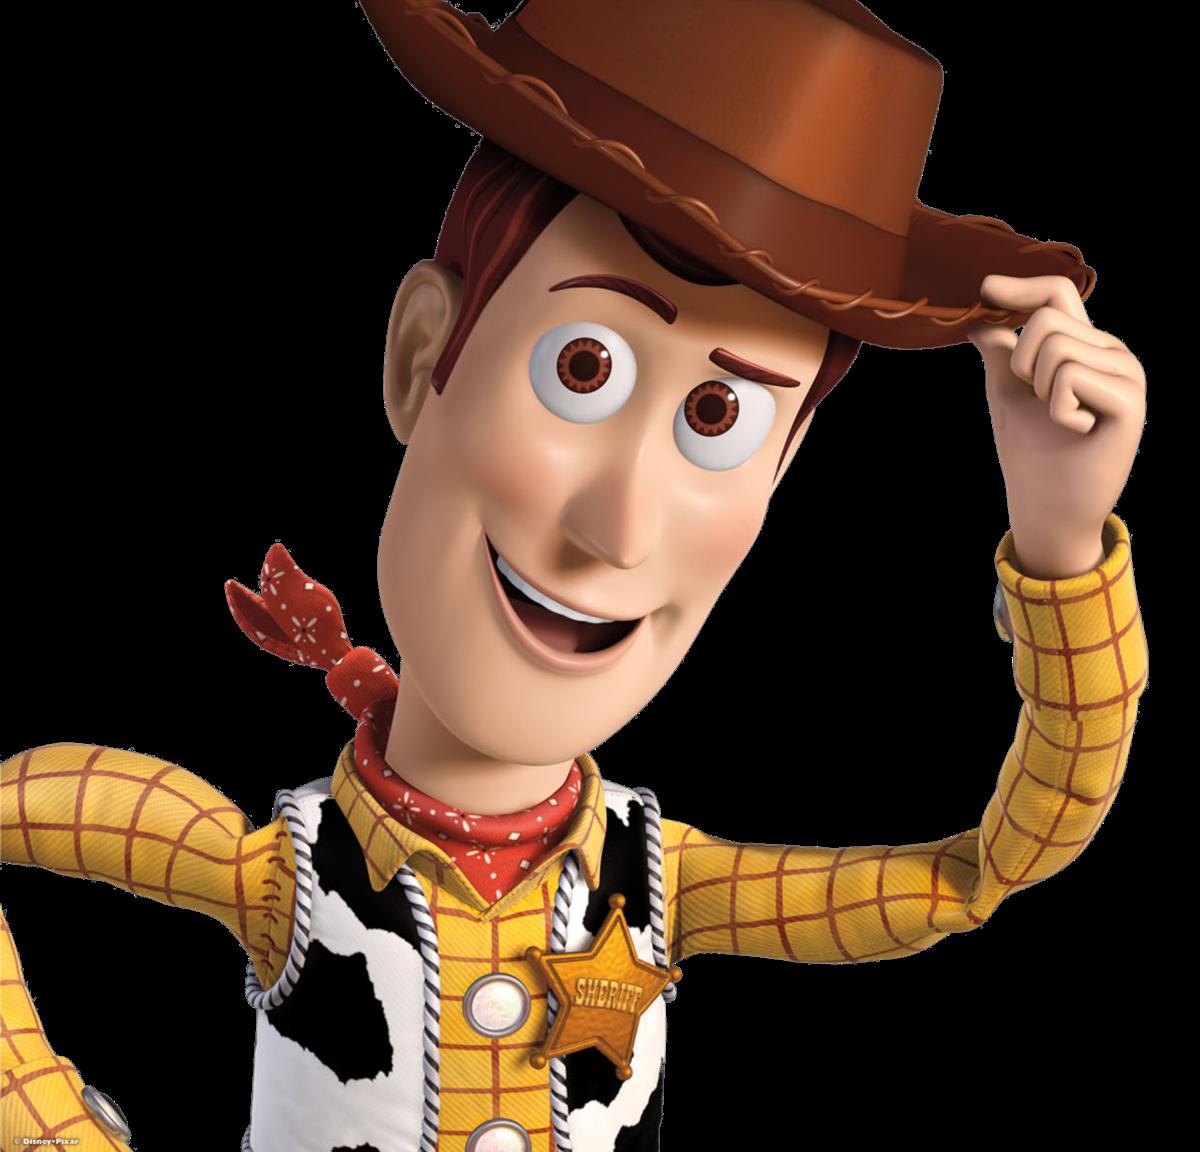 f3975da3b2f4a Woody en imagen para imprimir